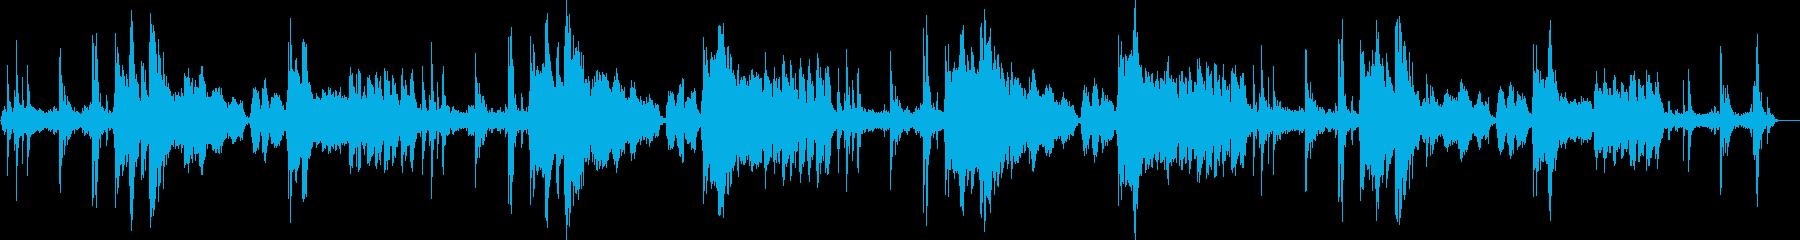 繊細な響きのあるピアノメロディーの再生済みの波形